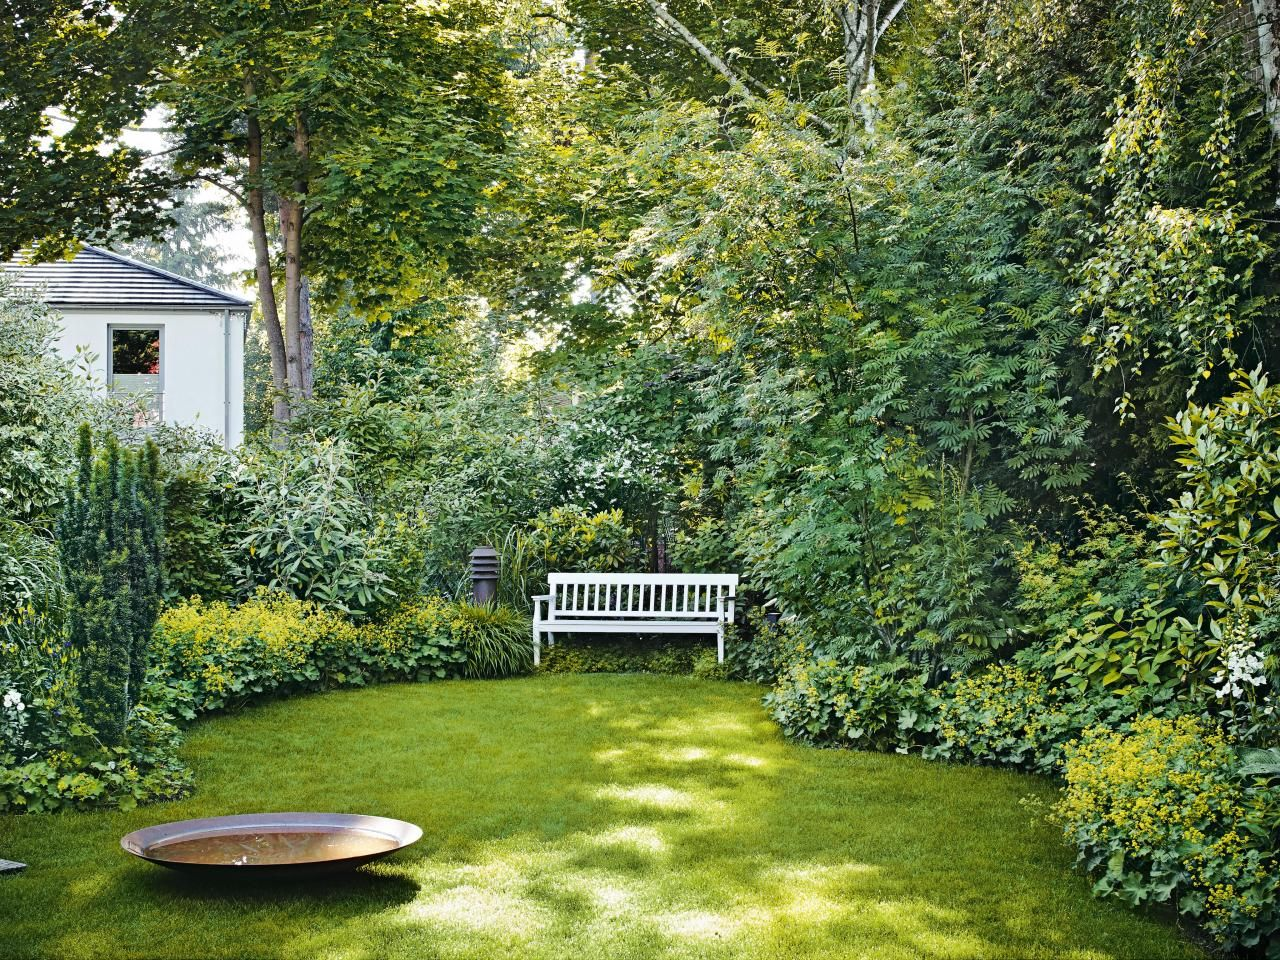 Tipps zur Gartenplanung auf wenig Raum - [SCHÖNER WOHNEN]